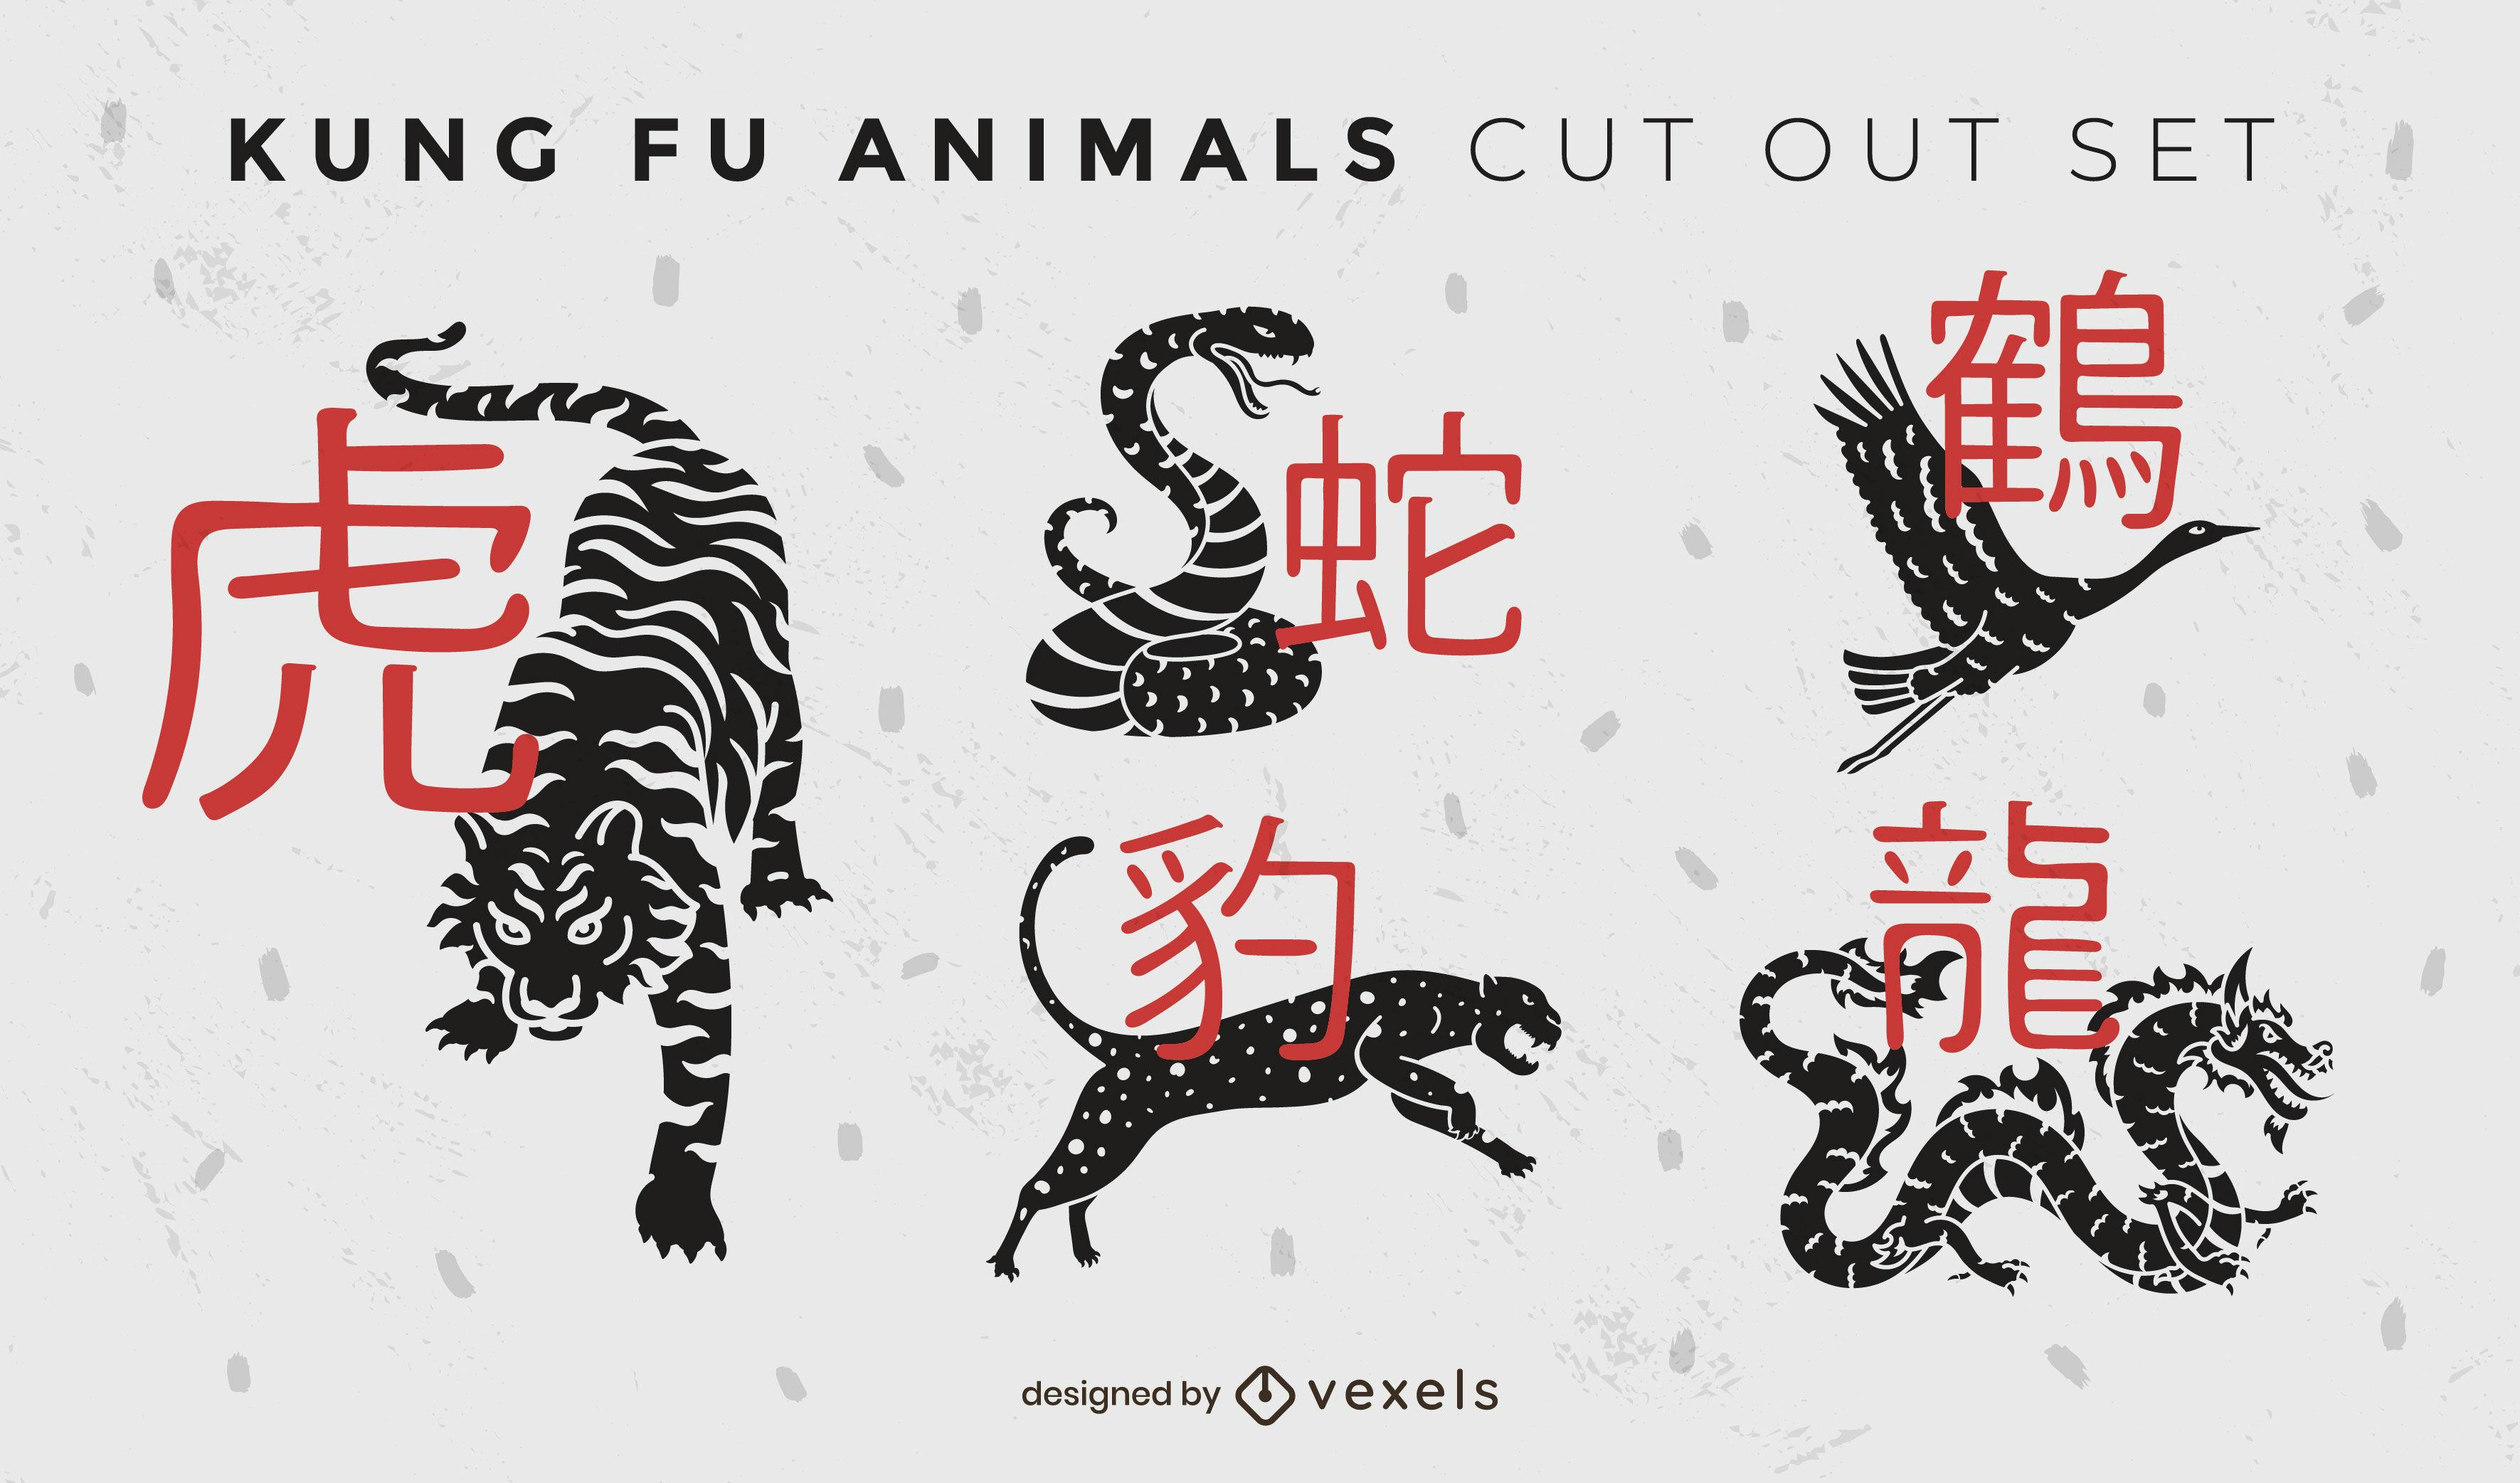 Kung-Fu-Ausschnittset mit wilden Tieren